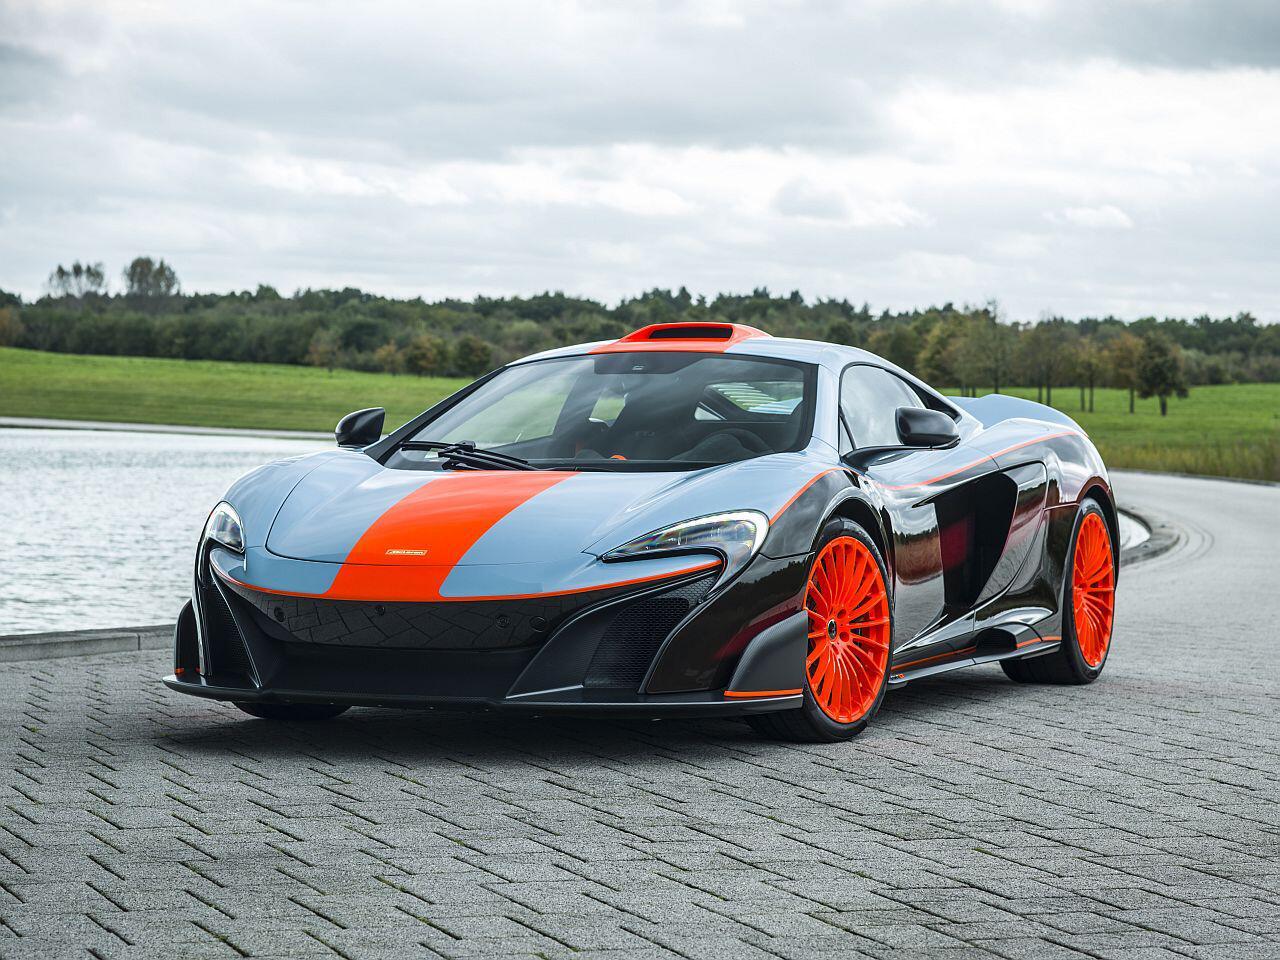 Bild zu Individuell und luxuriös: Die exklusiven Modelle von McLaren Special Operations